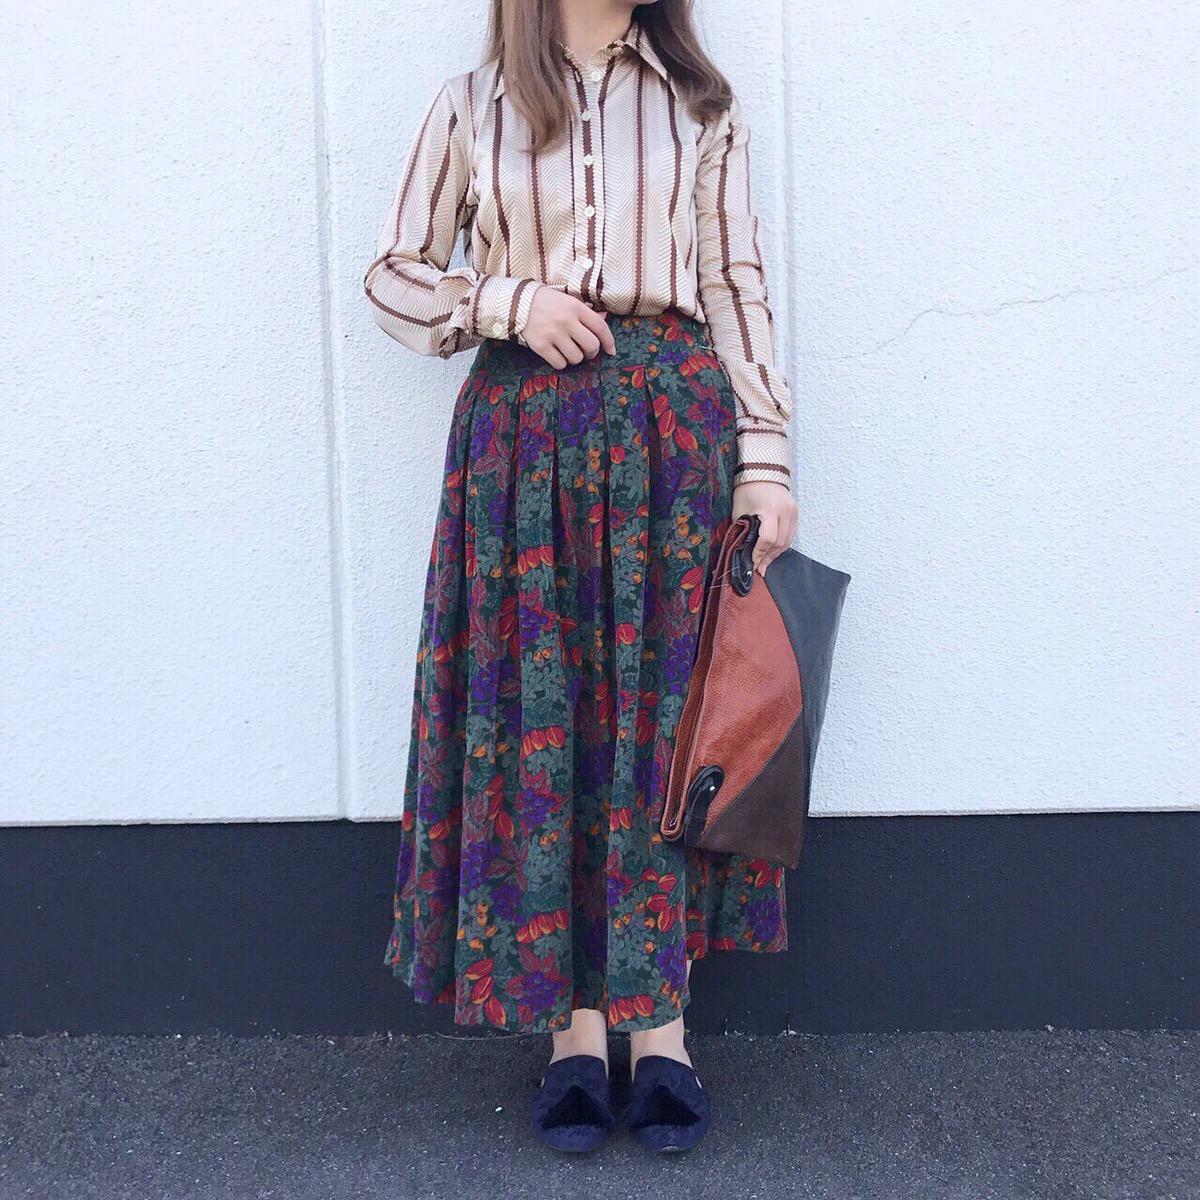 2019年9月17日 | 80sストライプシャツとコーデュロイスカートのくすみカラーコーデ